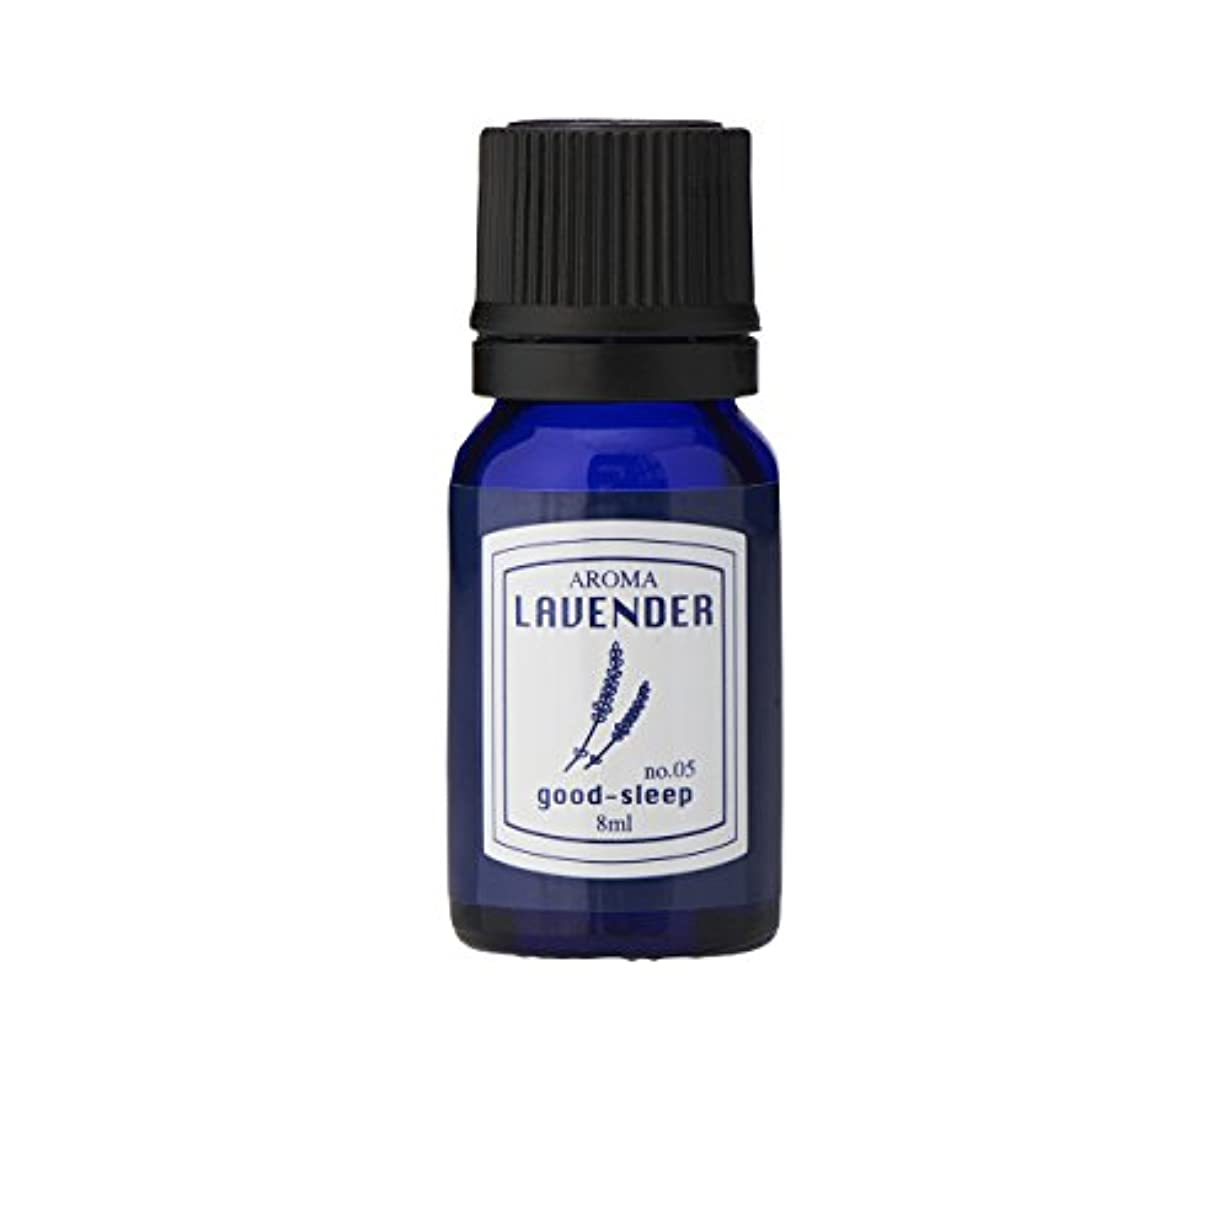 窒息させる意図的もちろんブルーラベル アロマエッセンス8ml ラベンダー(アロマオイル 調合香料 芳香用 心落ち着ける清々しい香り)